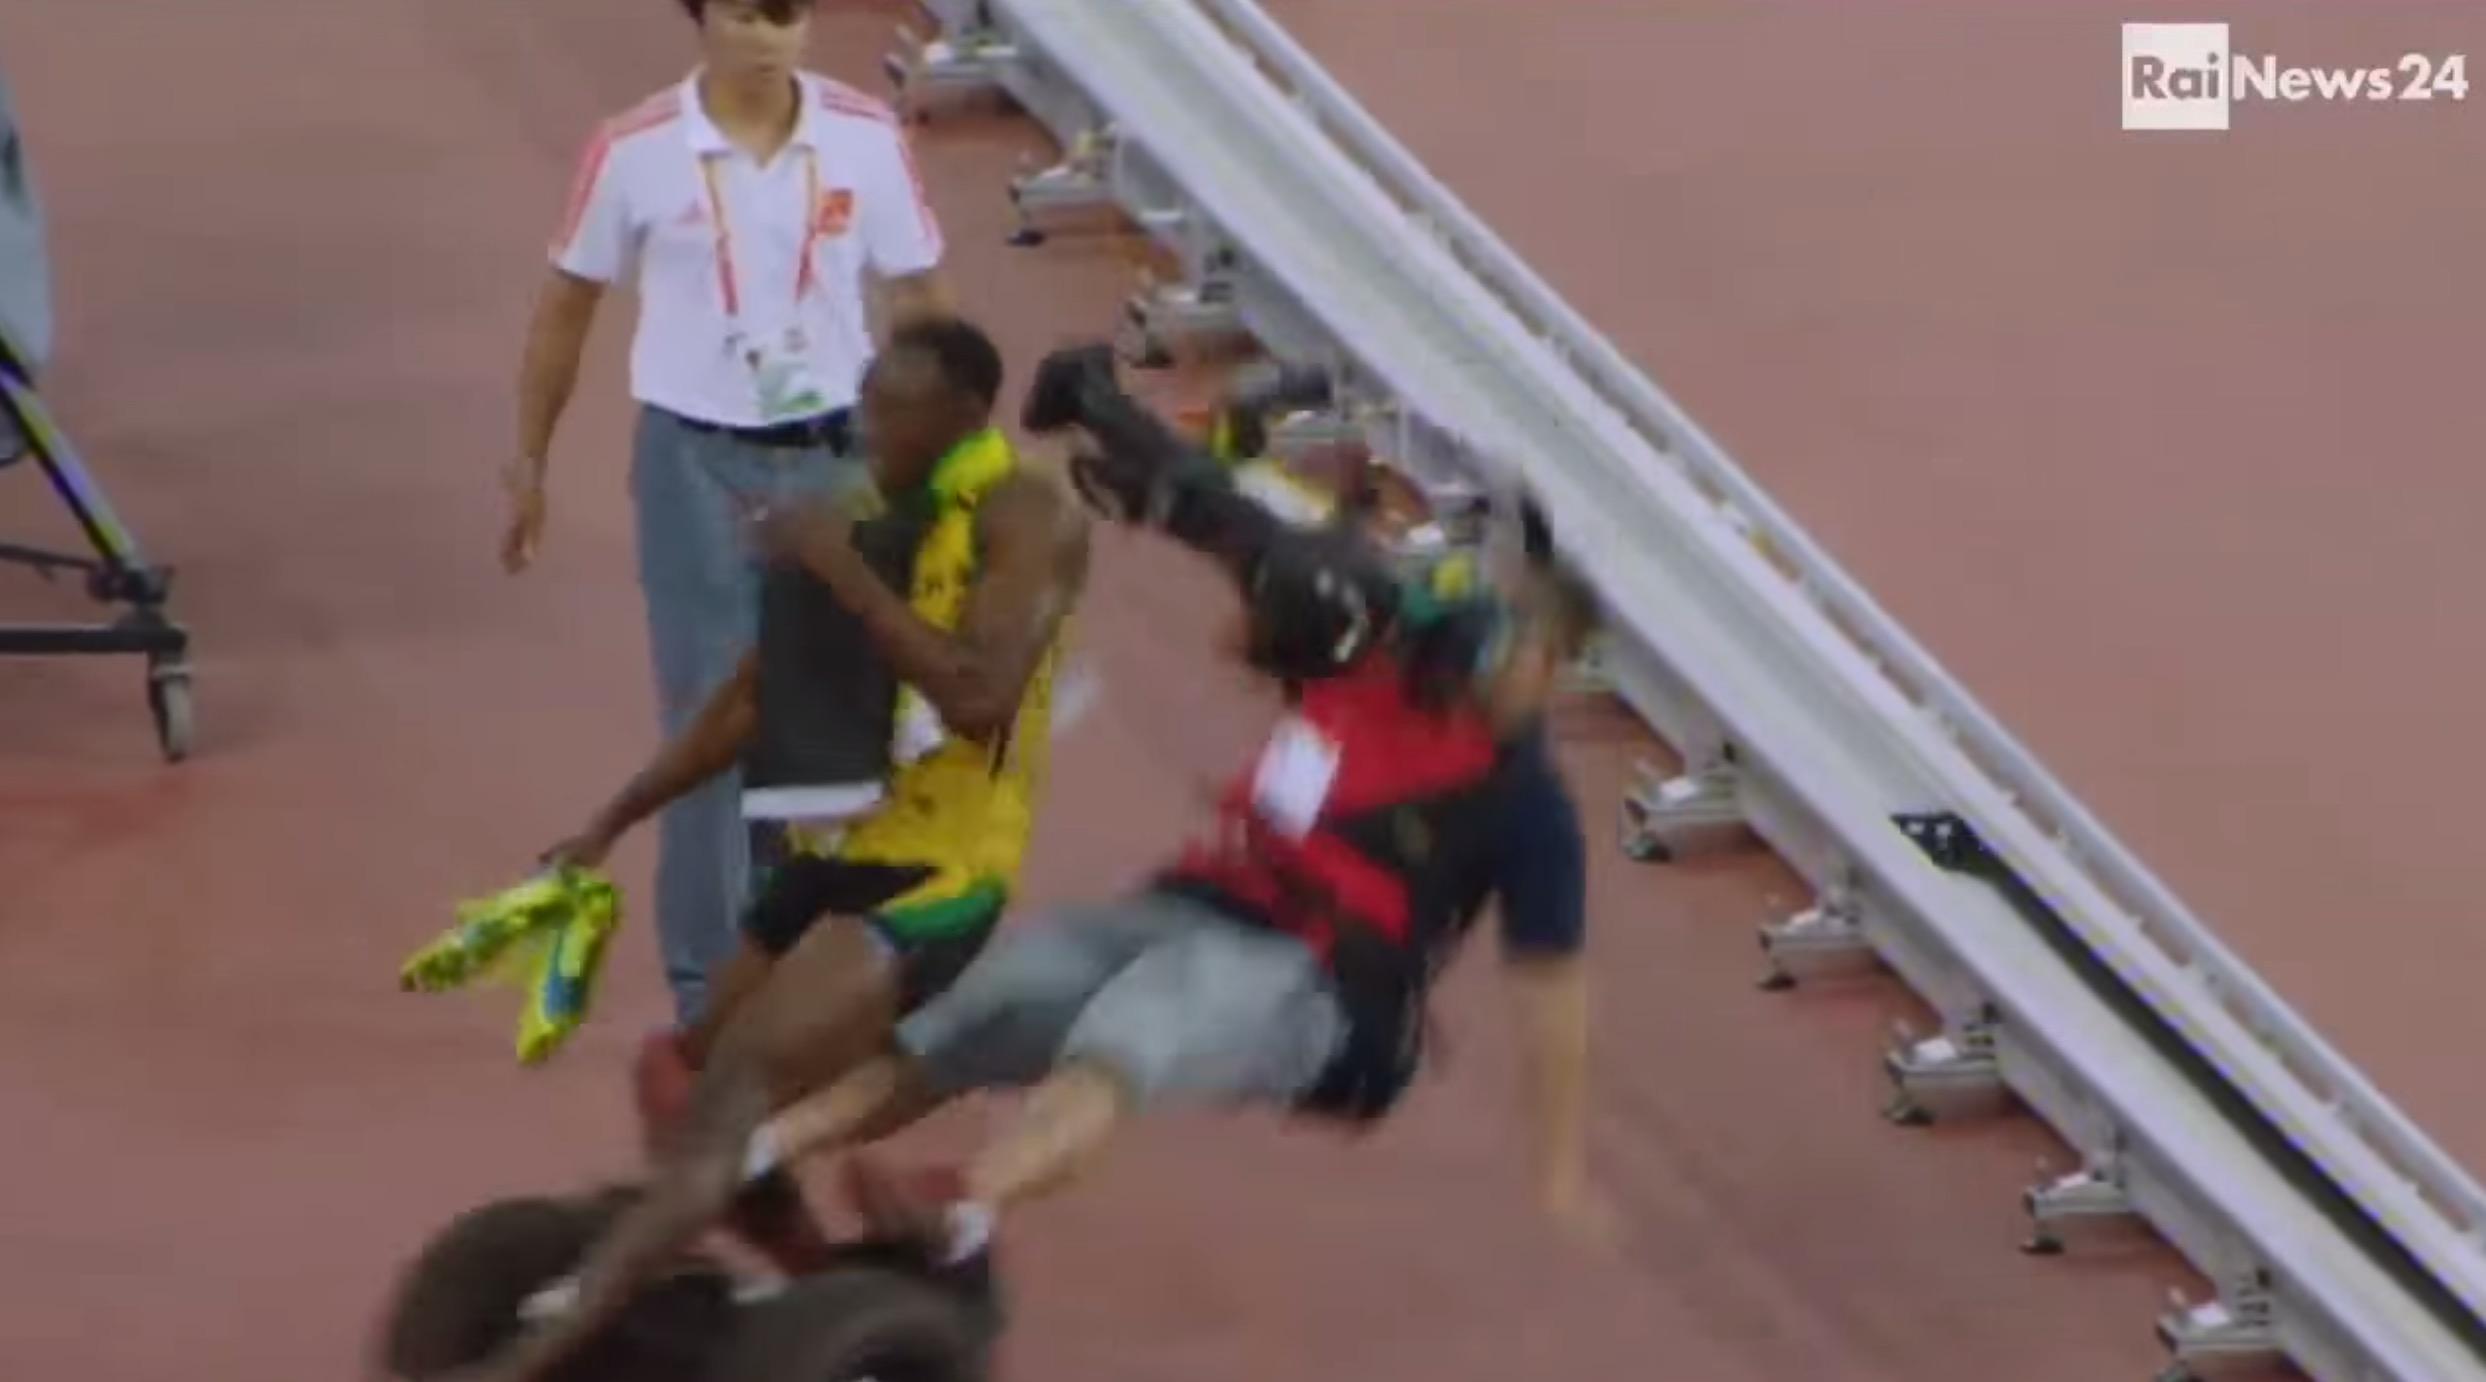 セグウェイに乗ってボルトを撮影していたカメラマン、ボルトの左足を負傷させる!!